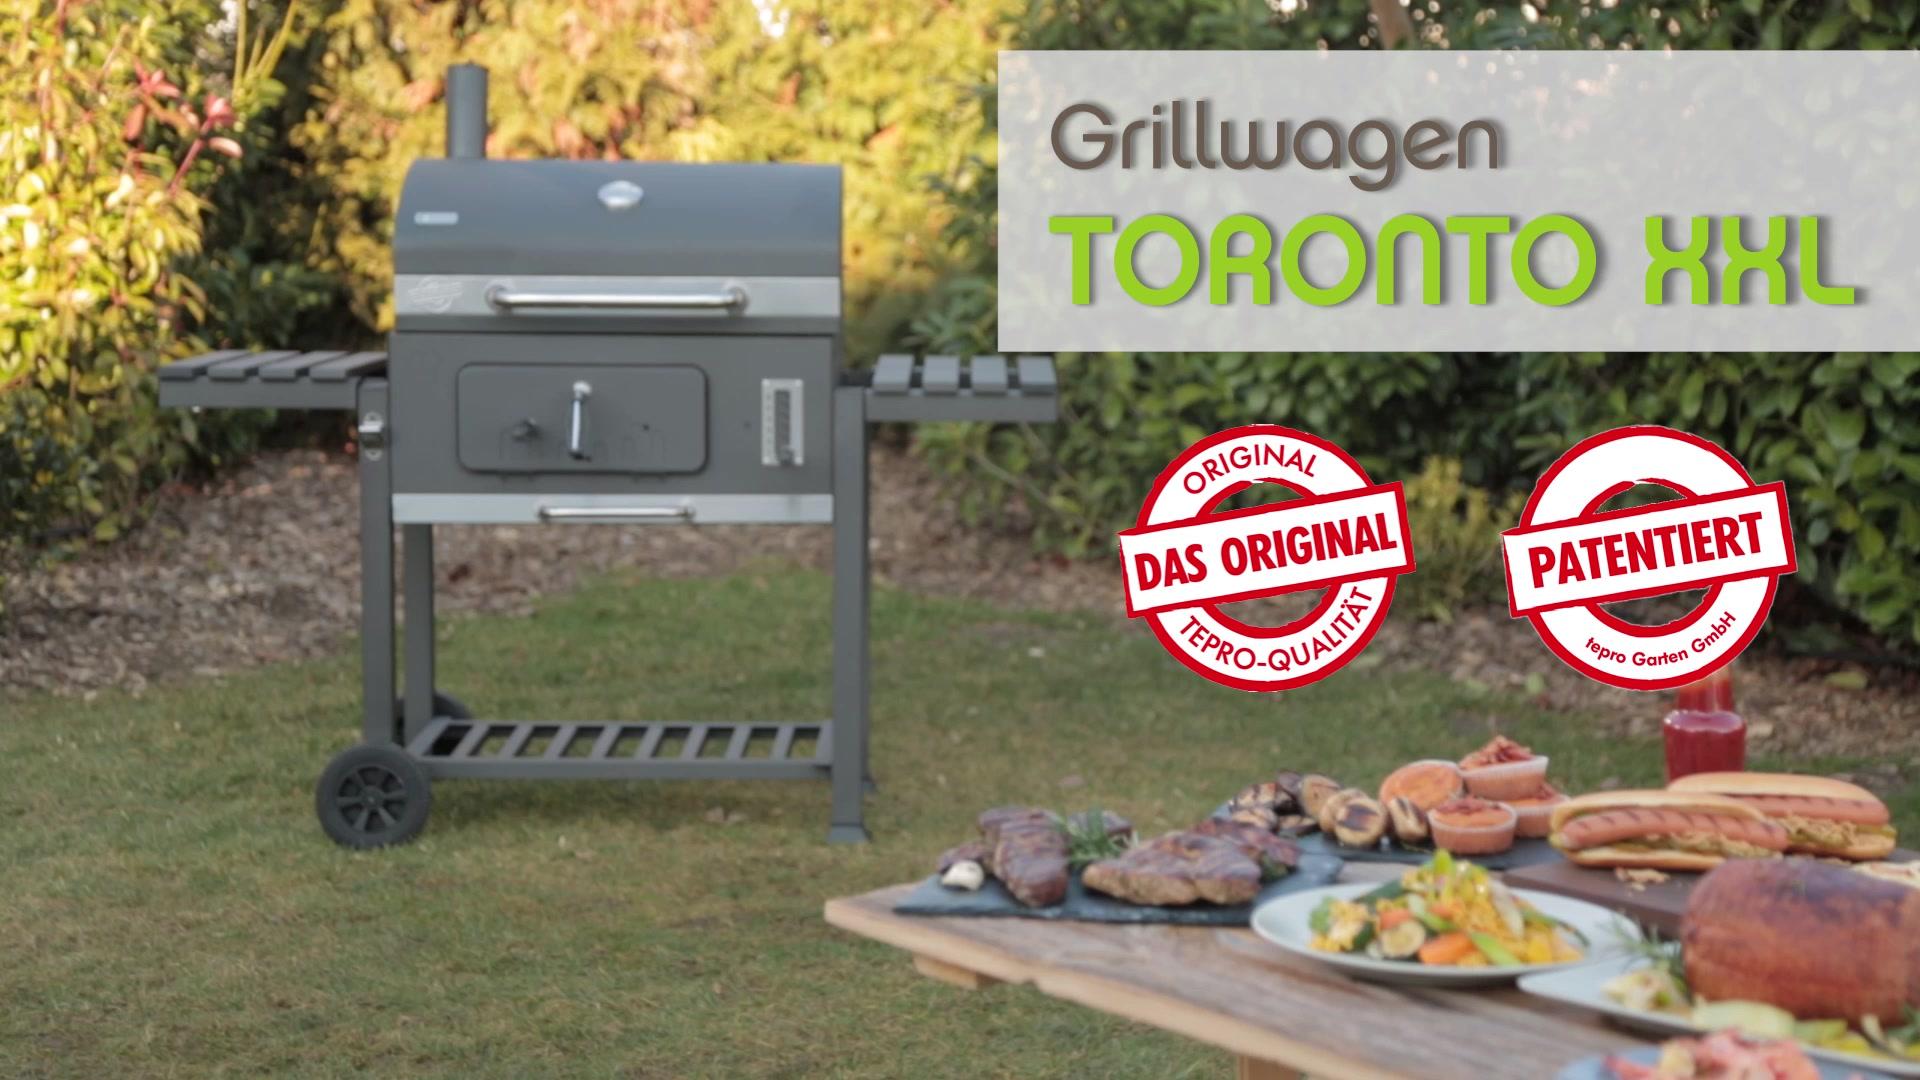 Tepro Toronto Holzkohlegrill Hagebau : Tepro grillwagen toronto xxl« hagebau